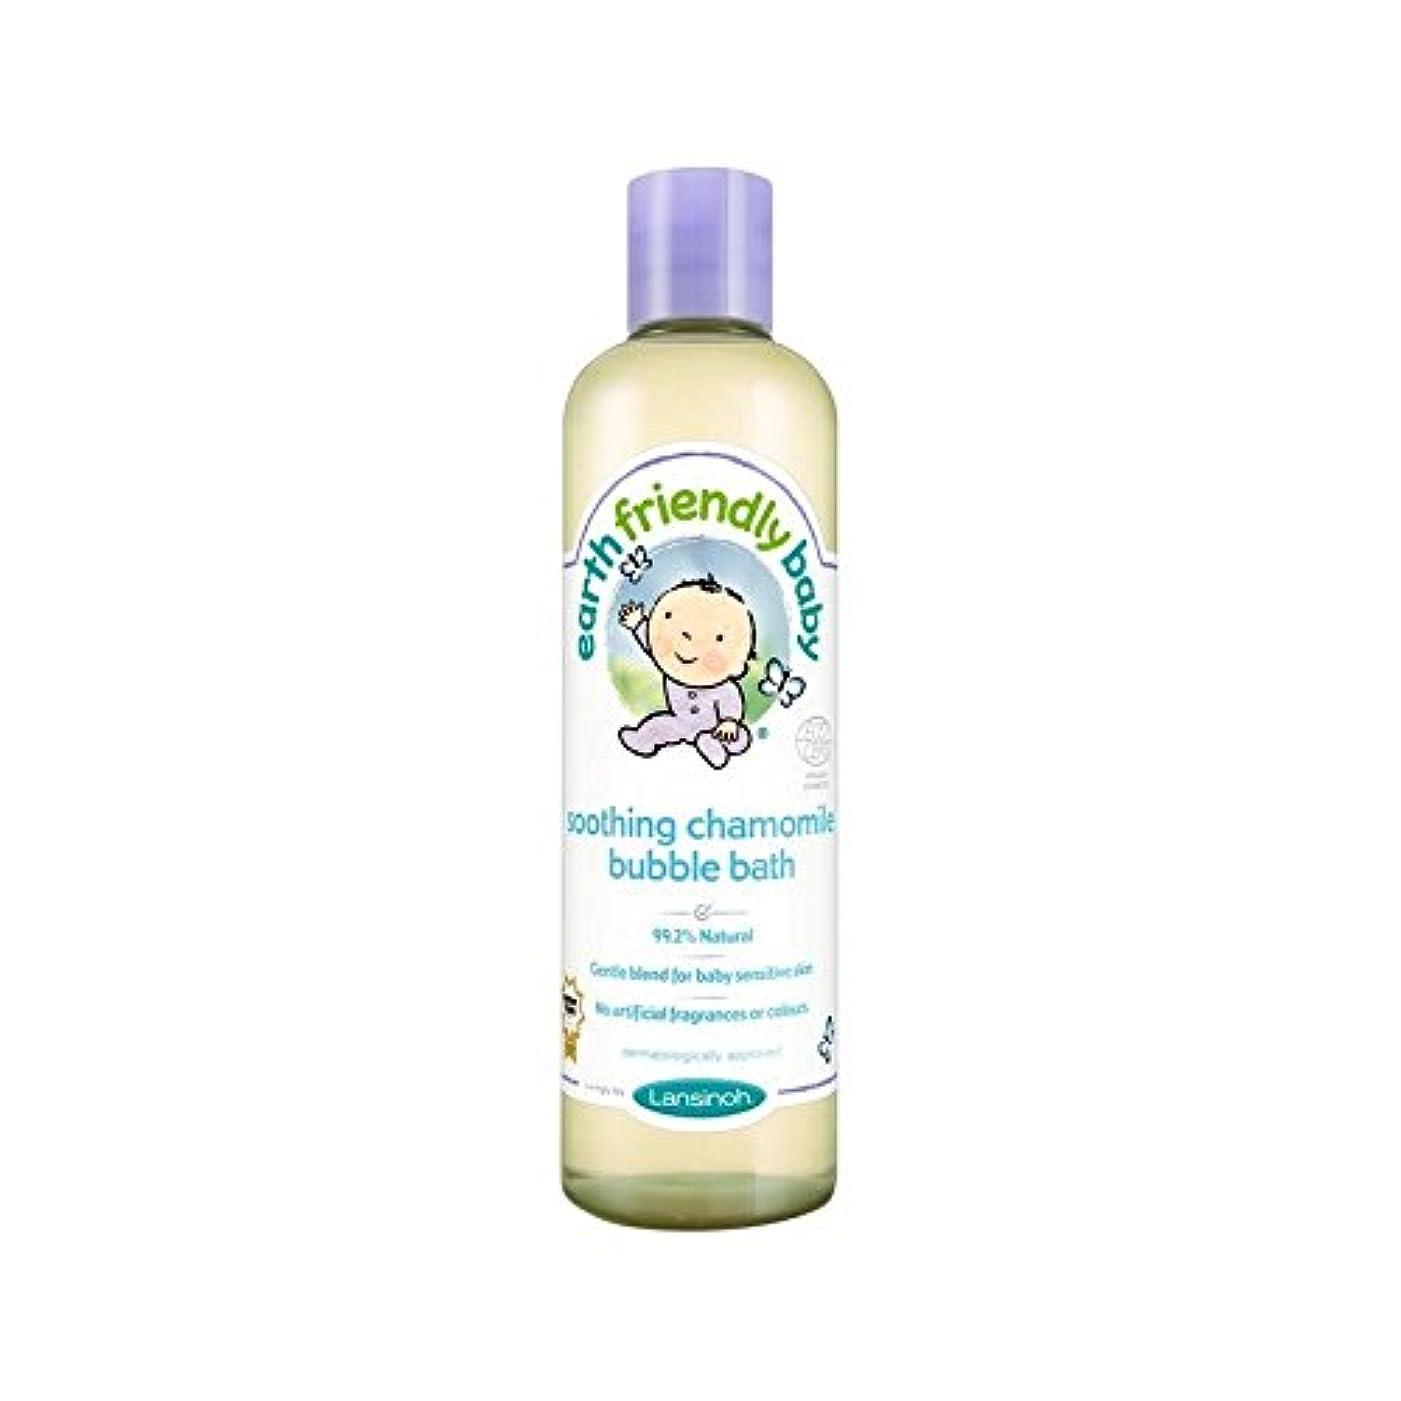 ジャニス砂漠時々赤ちゃんなだめるカモミール泡風呂エコサートの300ミリリットル (Earth Friendly) (x 2) - Earth Friendly Baby Soothing Chamomile Bubble Bath ECOCERT...